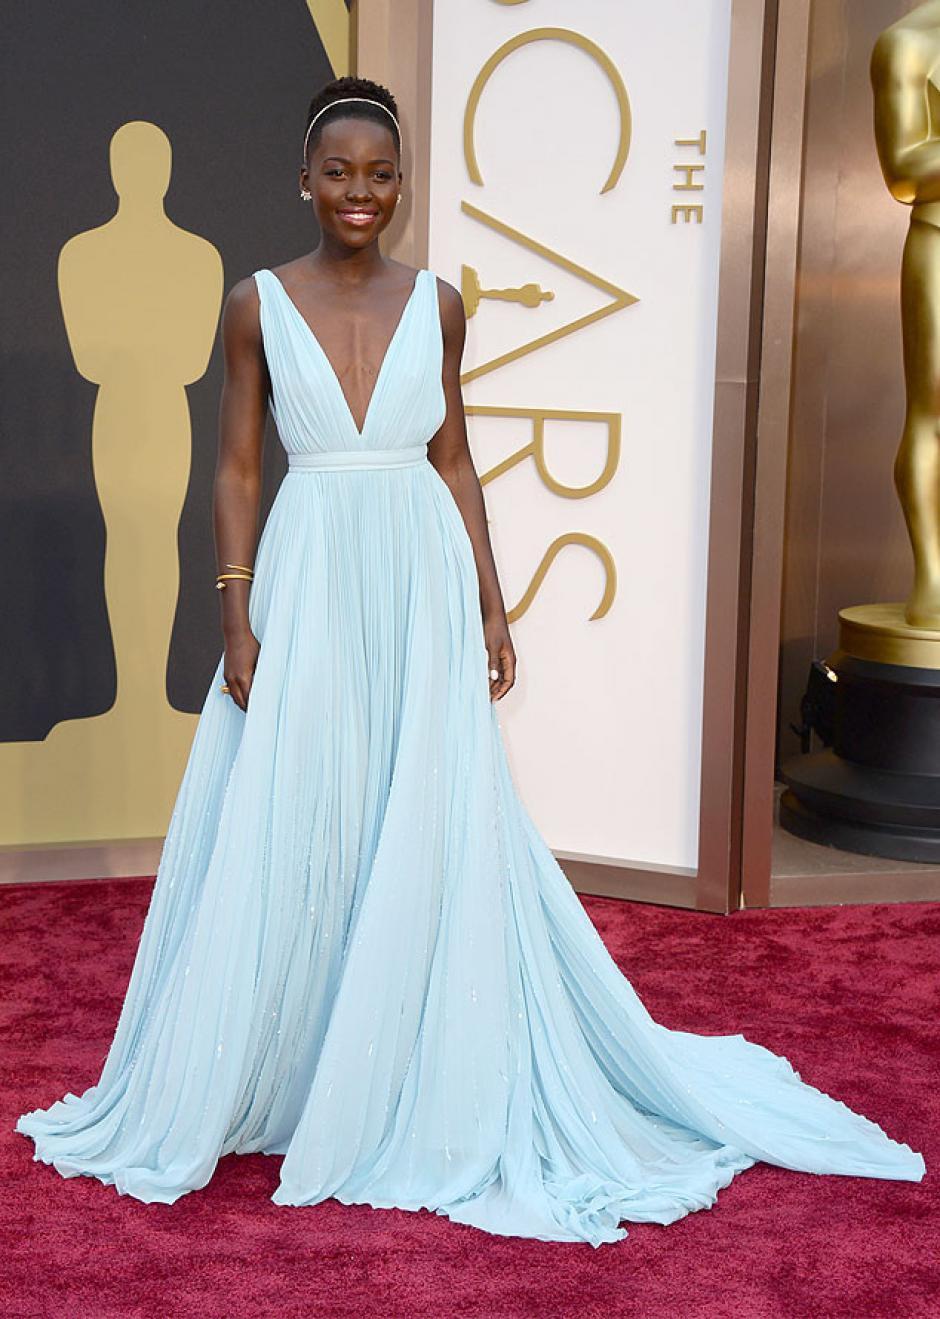 Lupita Nyong'o está nominada al premio de mejor actriz y decidió utilizar un vestido de Prada. (Foto: E!)